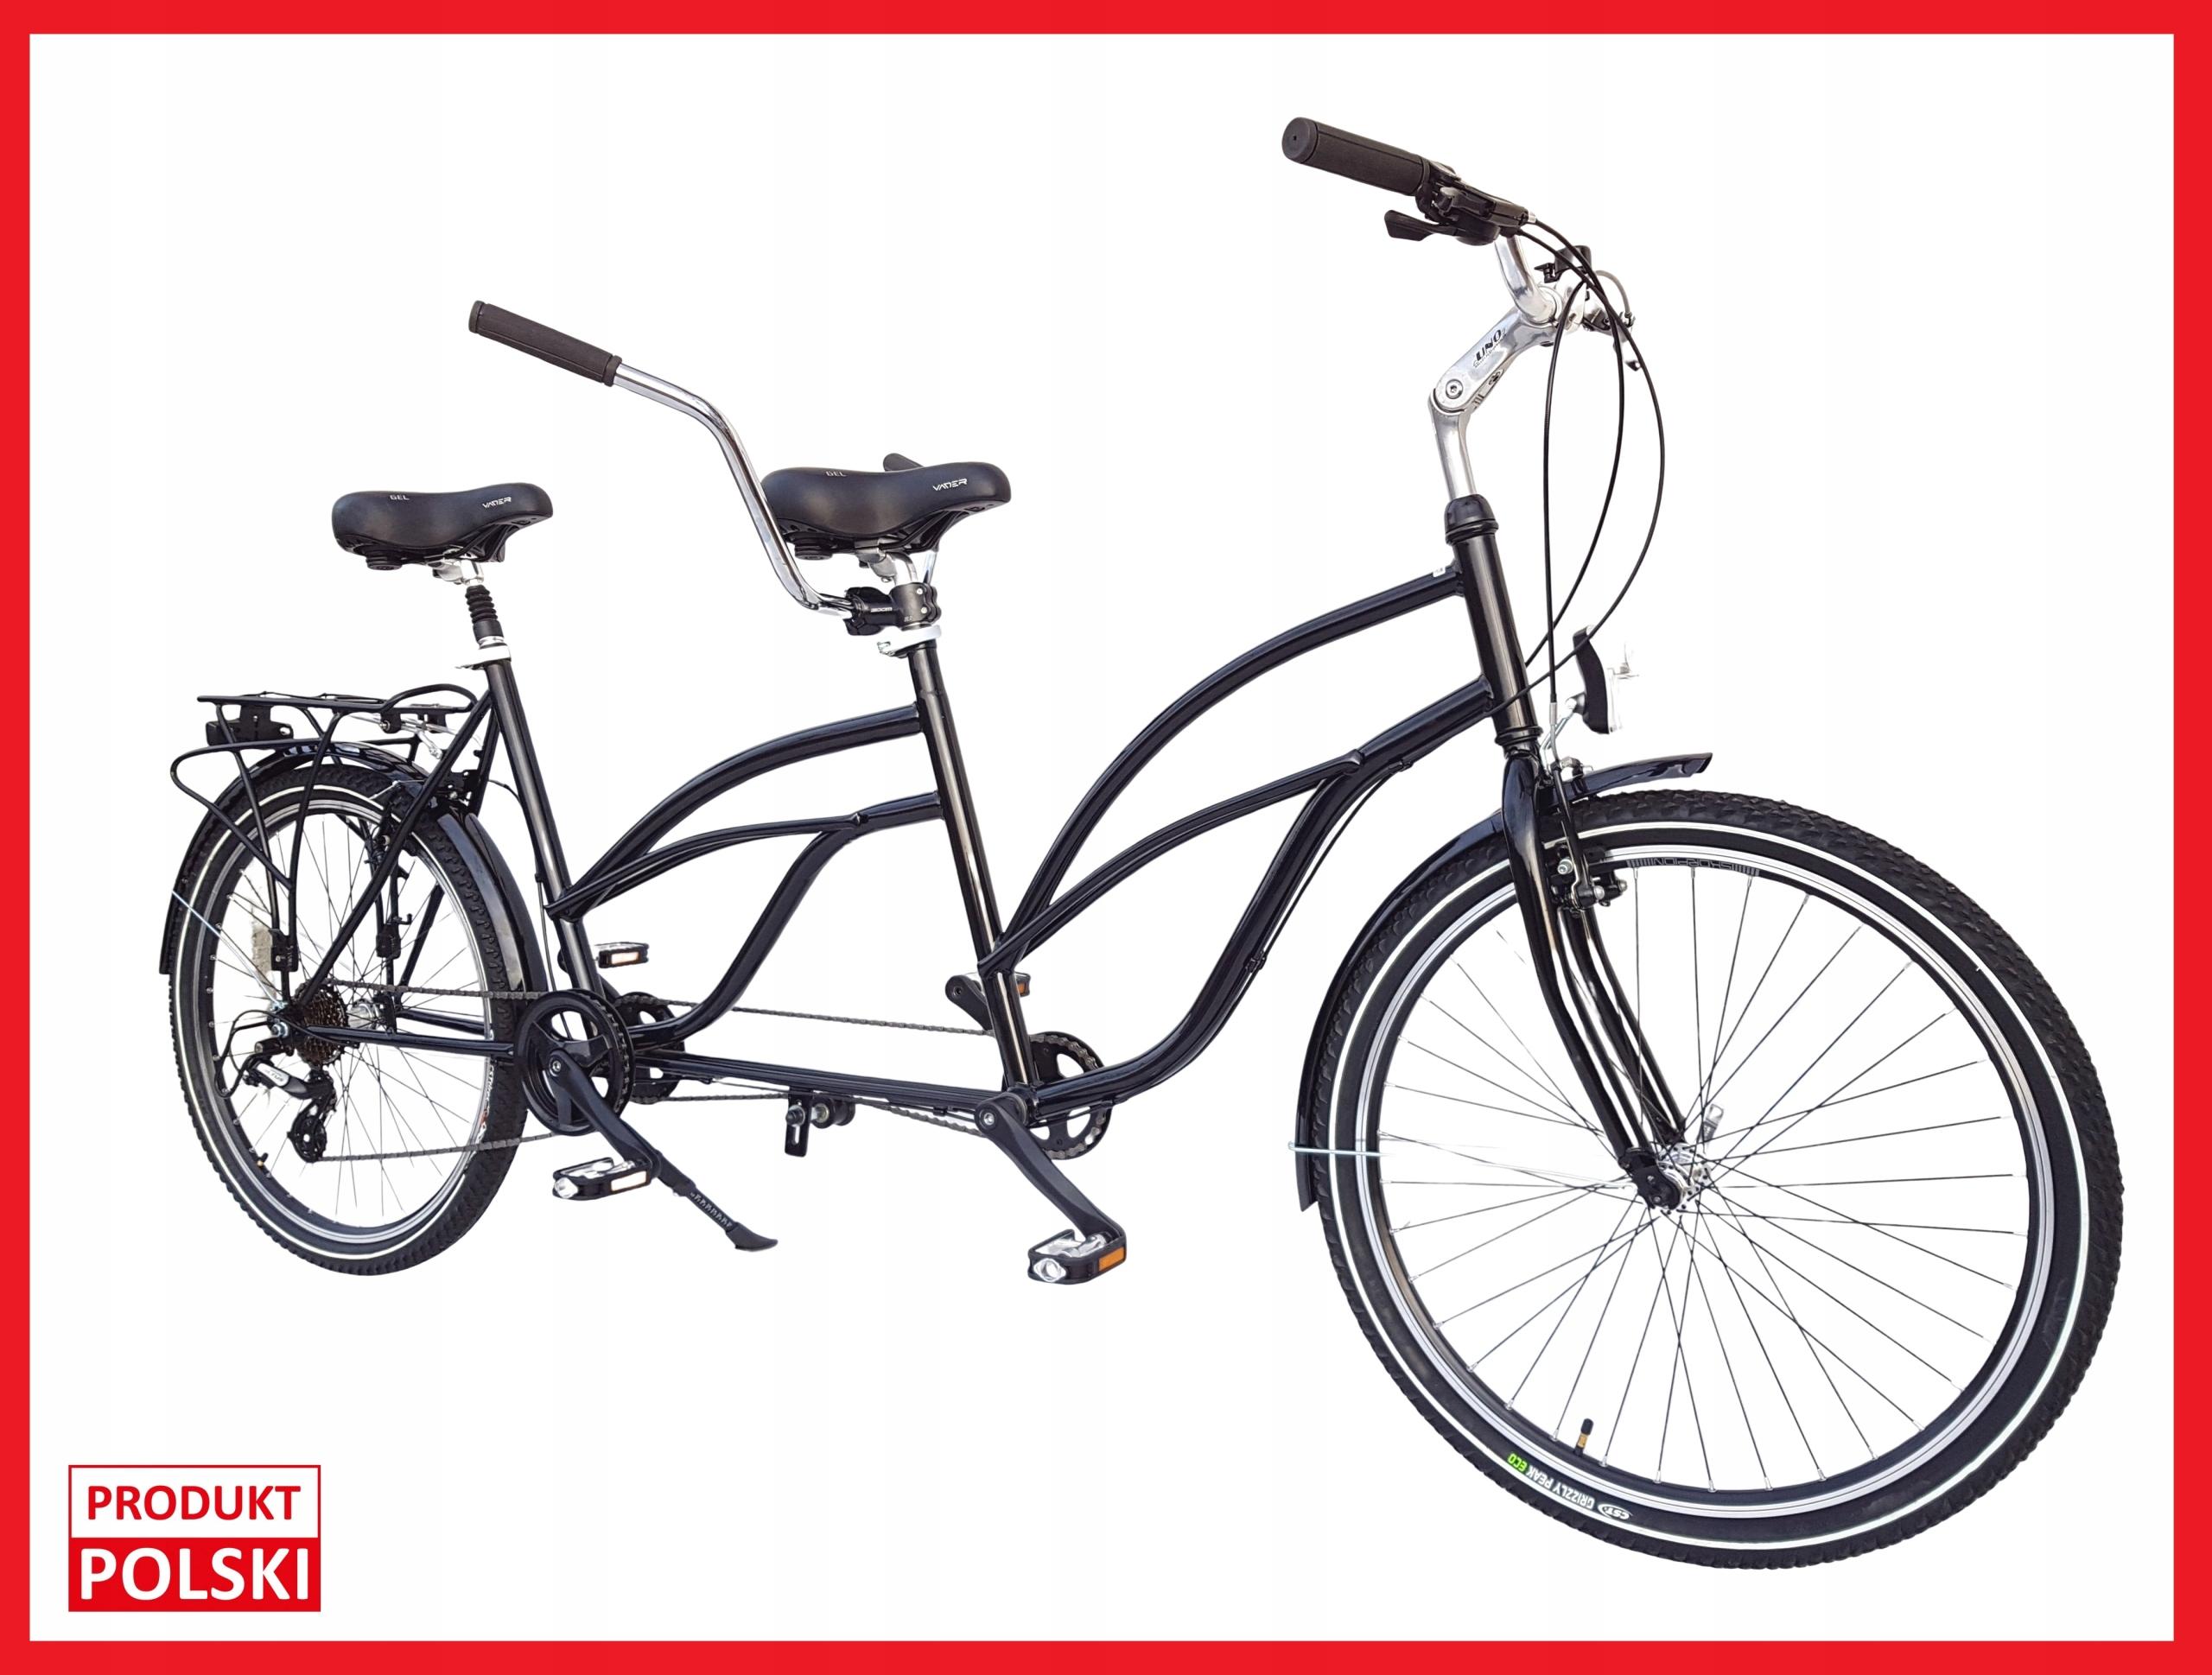 Tandem Bicyklov PREMIUM 26', Nové, POĽSKÝ VÝROBOK